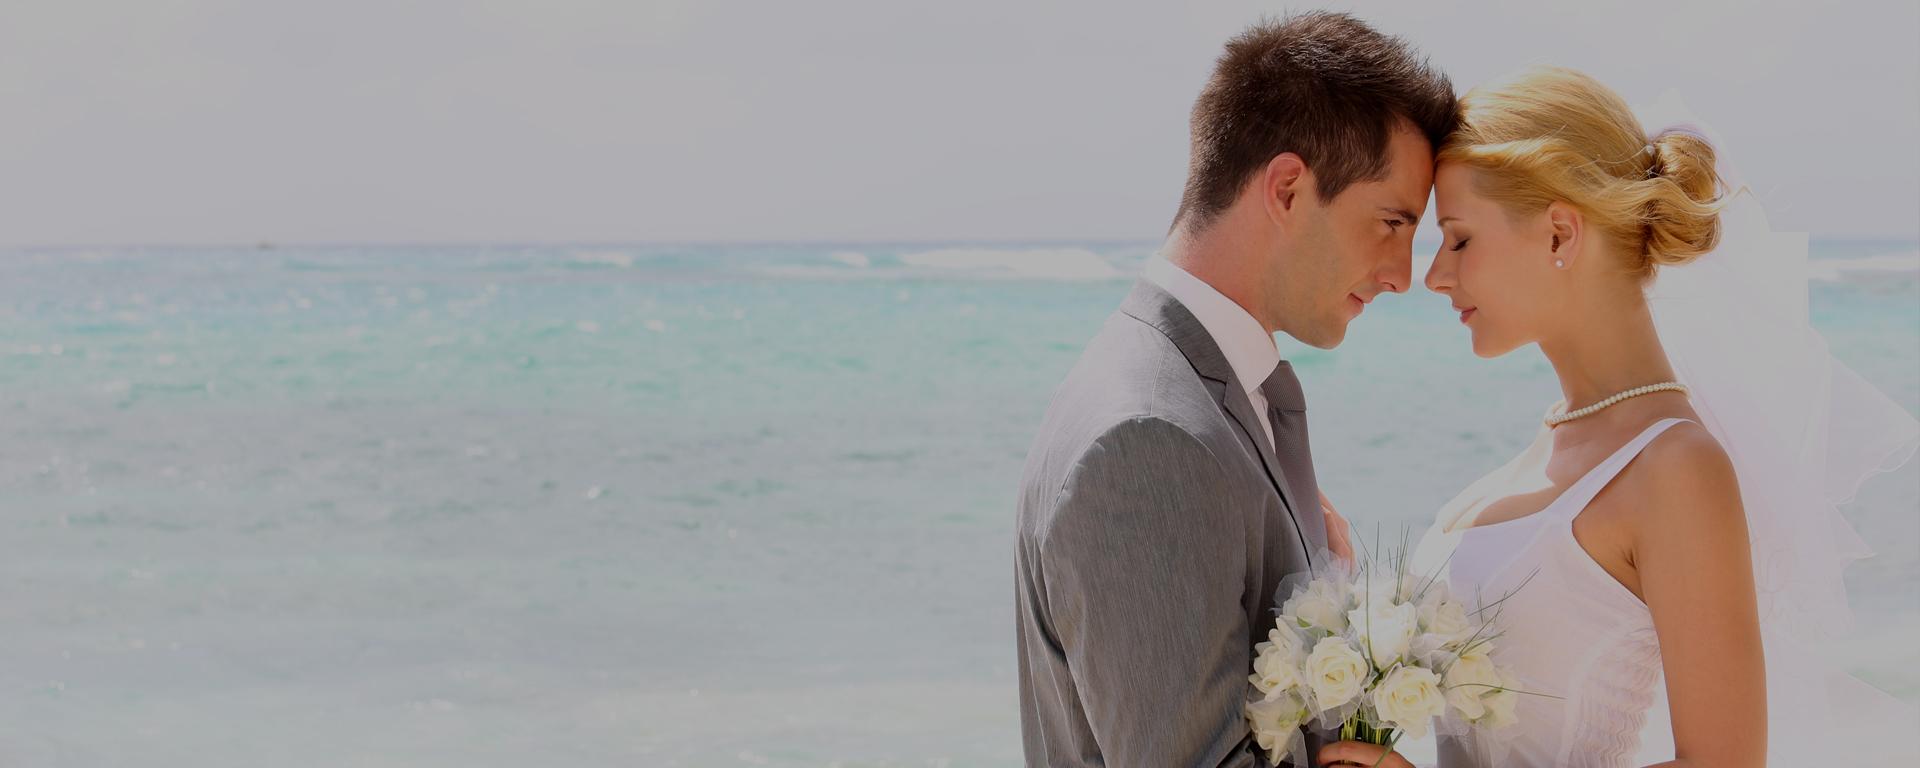 Cheap Honeymoon Holiday